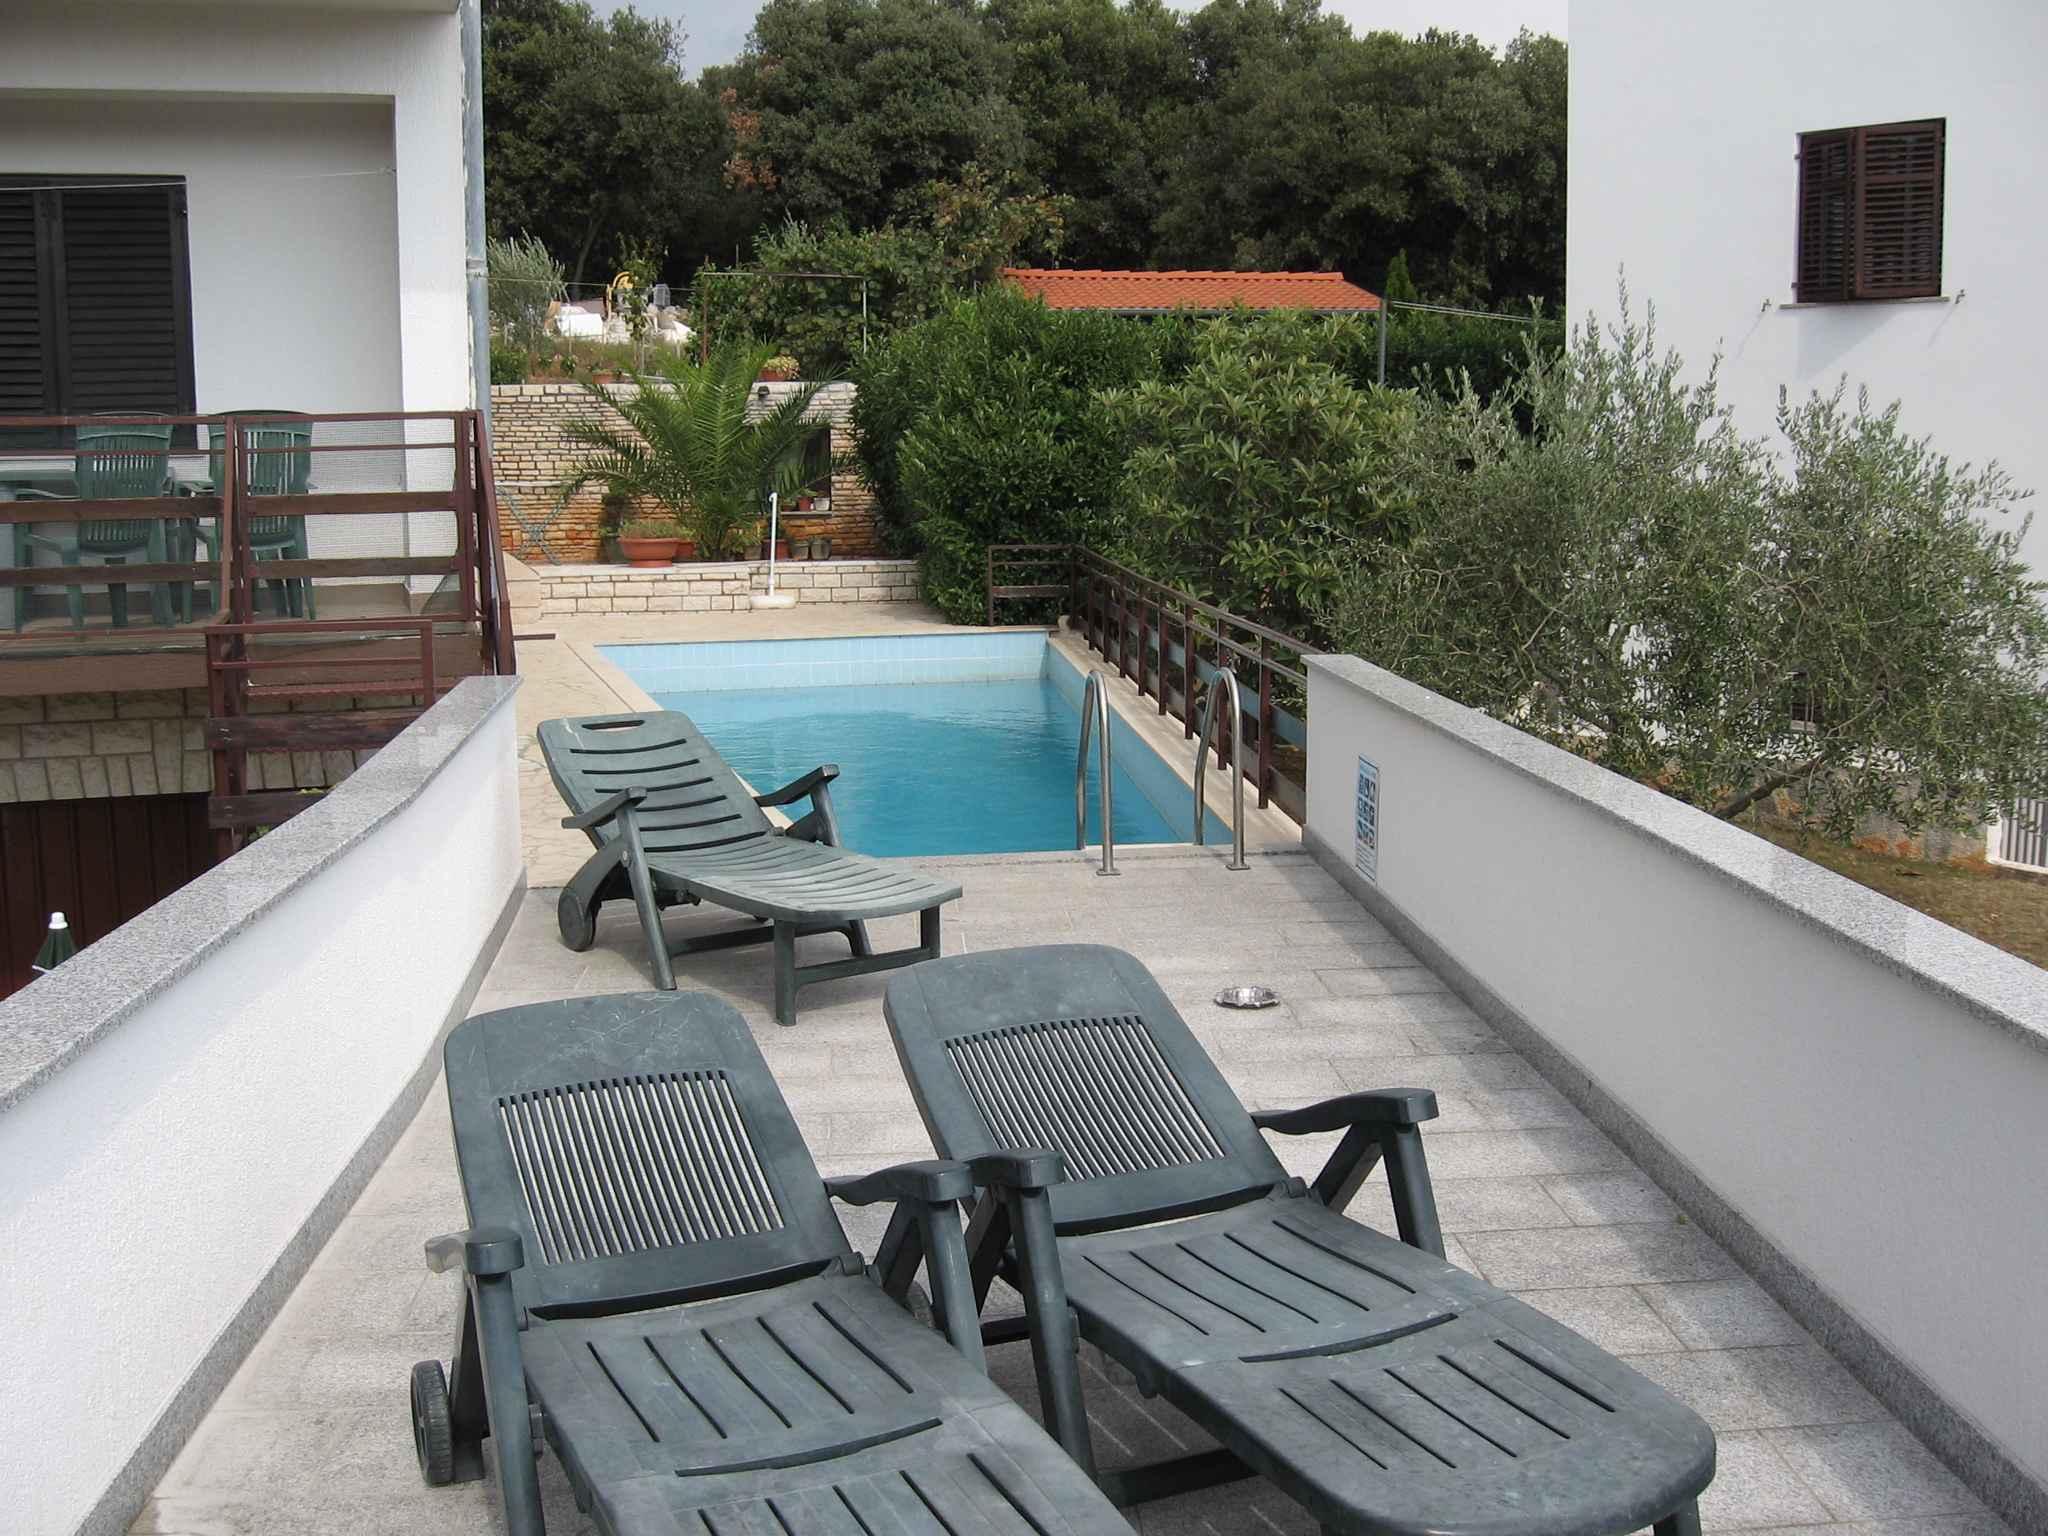 Ferienwohnung mit Pool (280707), Pula, , Istrien, Kroatien, Bild 3